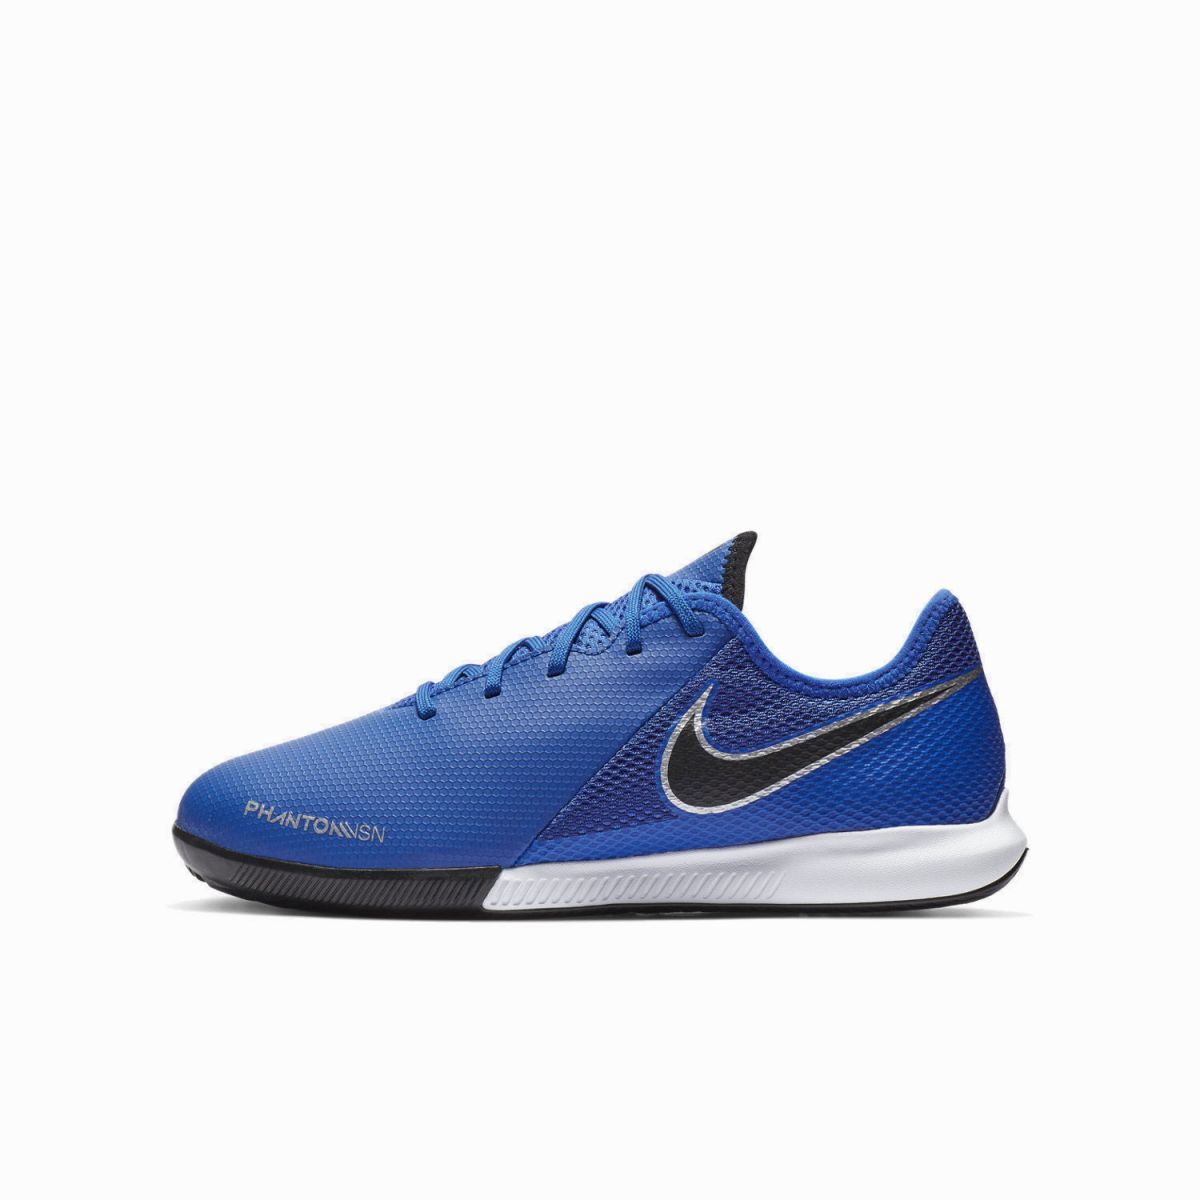 Nike Phantom Vision Academy IC GS (AR4345-400)